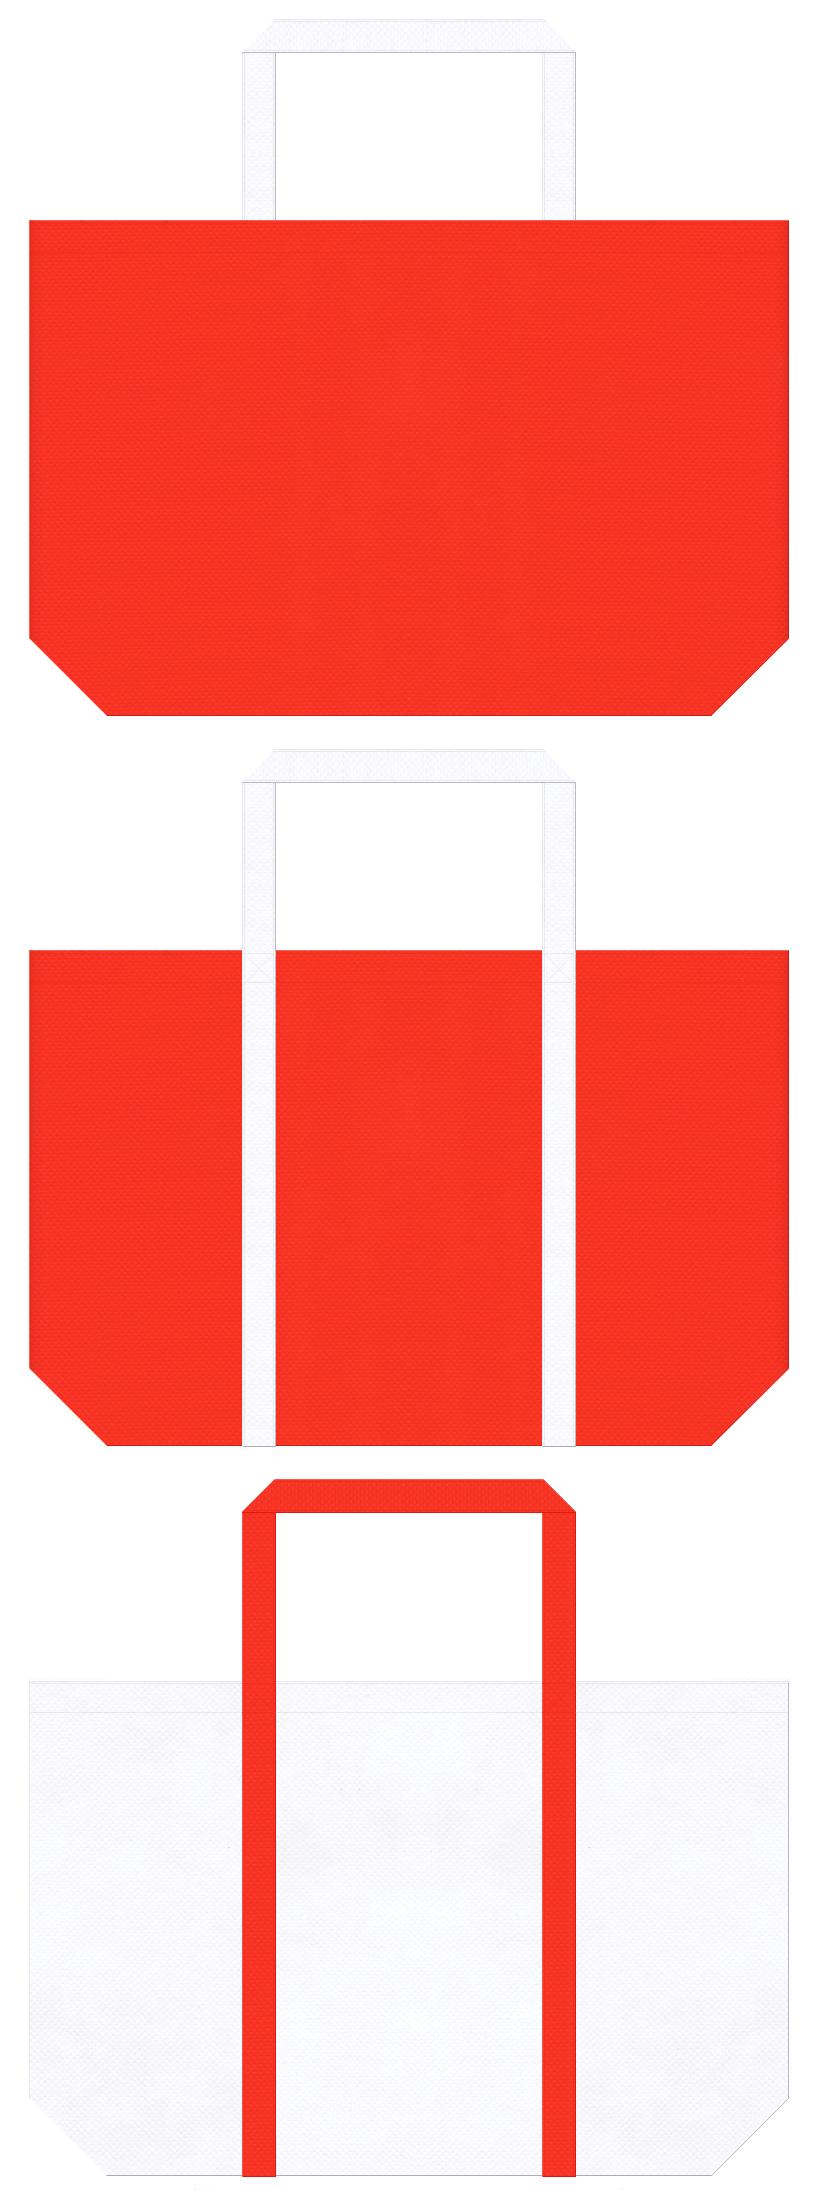 キッチン・ビタミン・サプリメント・スポーツ飲料・スポーツイベント・スポーツバッグにお奨めの不織布バッグデザイン:オレンジ色と白色のコーデ